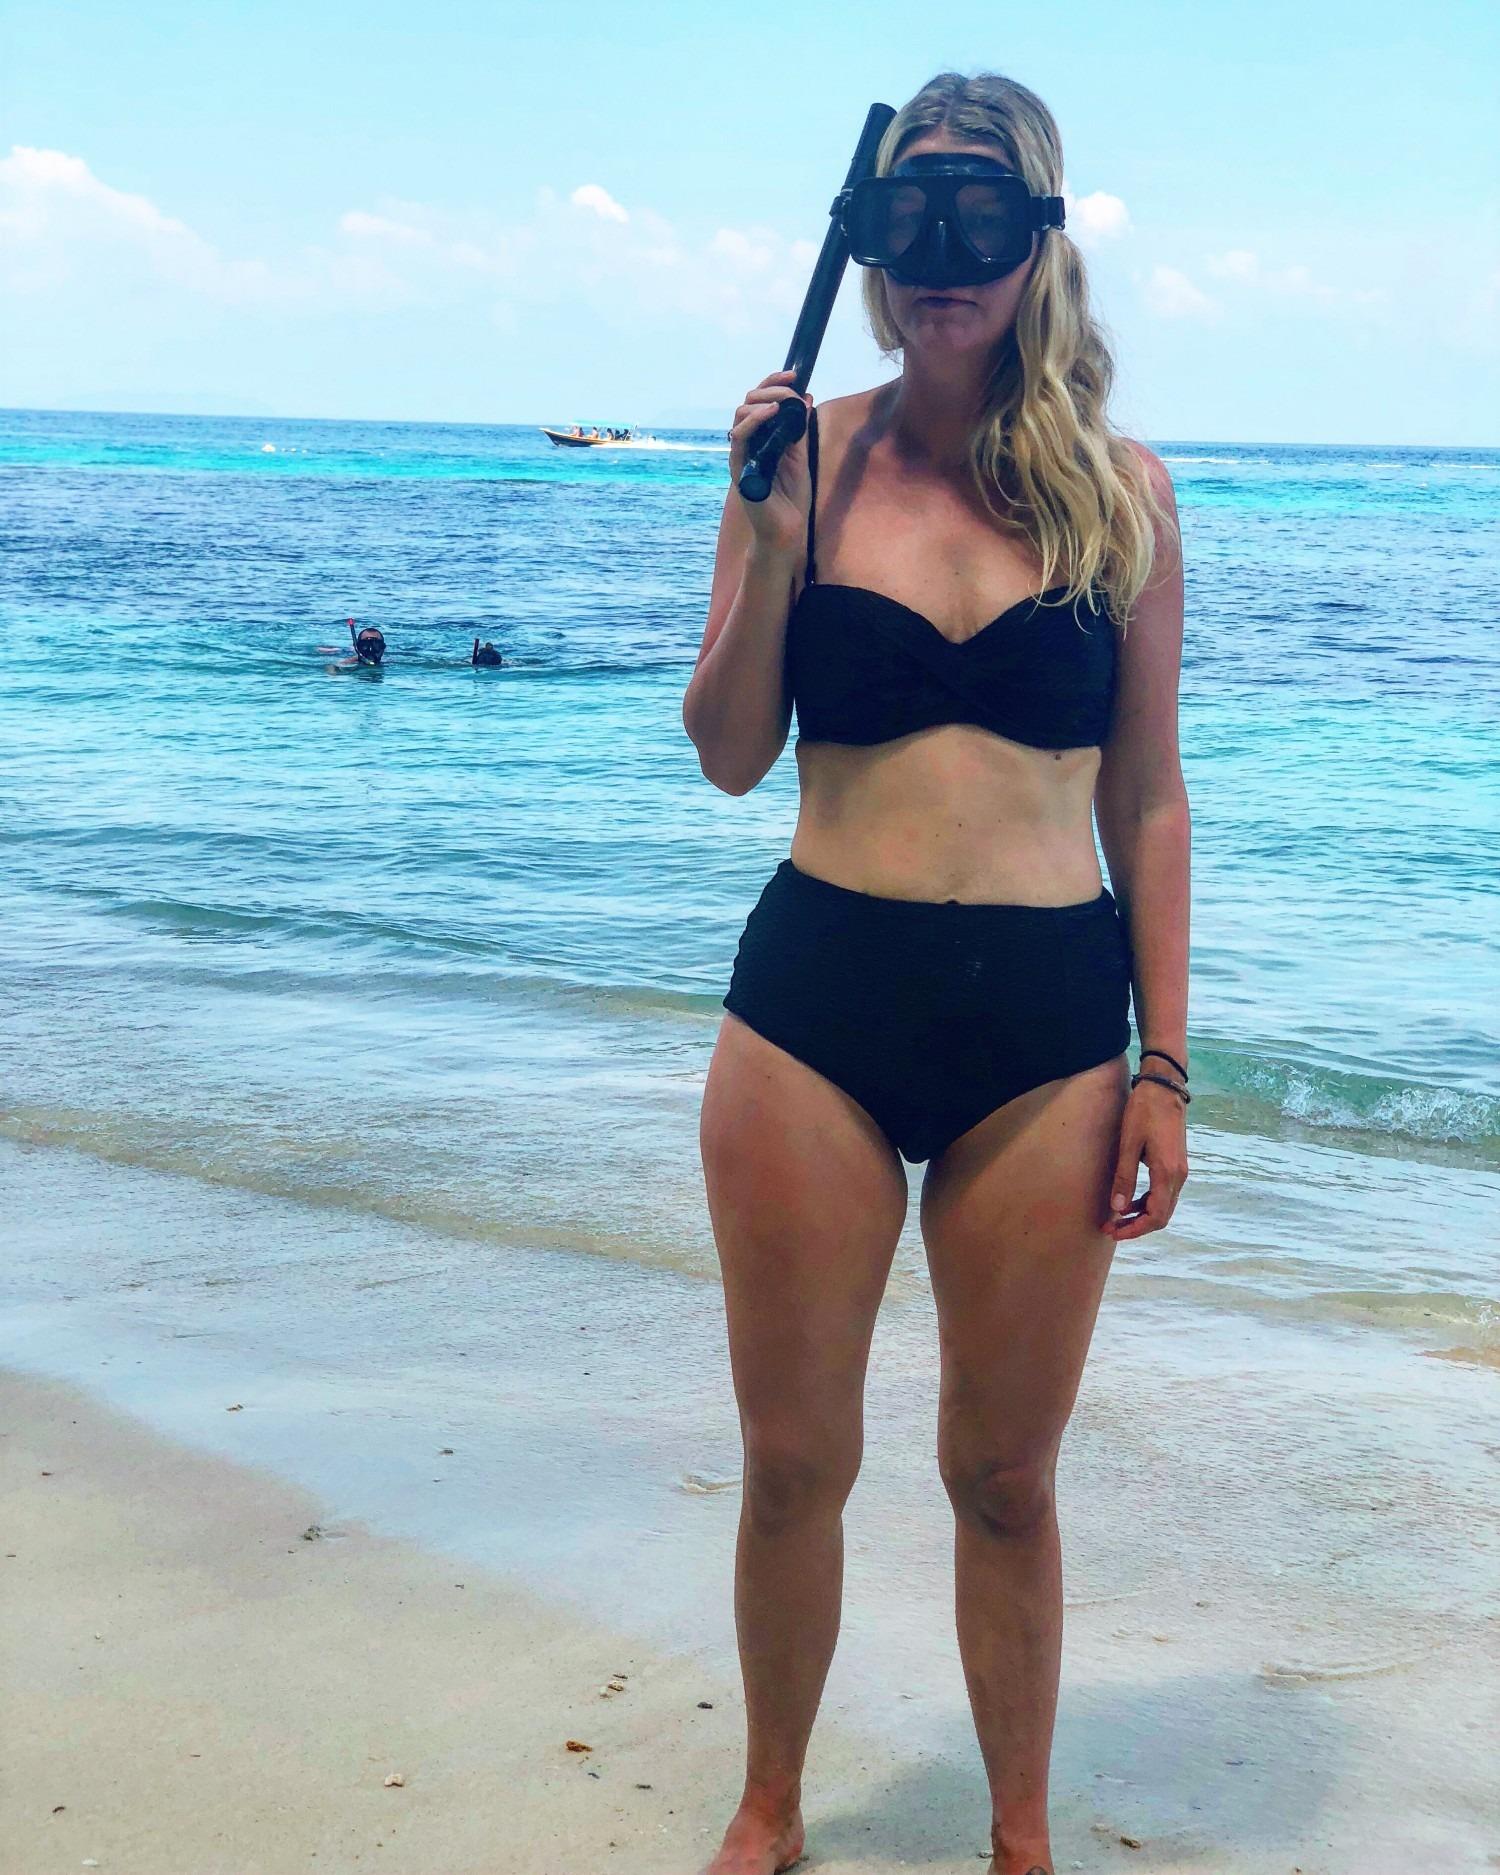 3 ugers ferie - kunne jeg holde vægten?